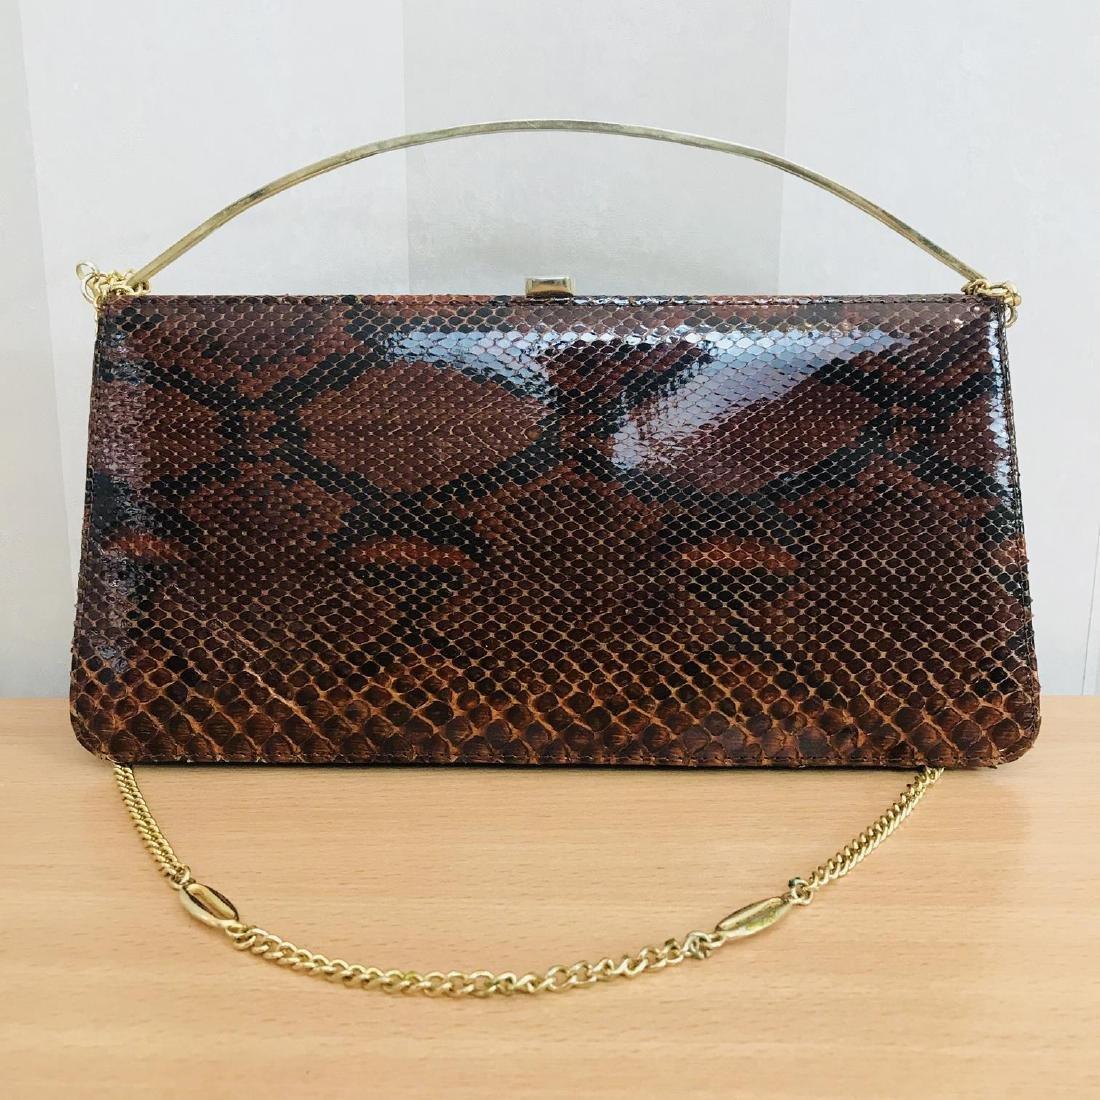 Vintage Genuine Snake Skin Leather Clutch Bag Handbag - 7